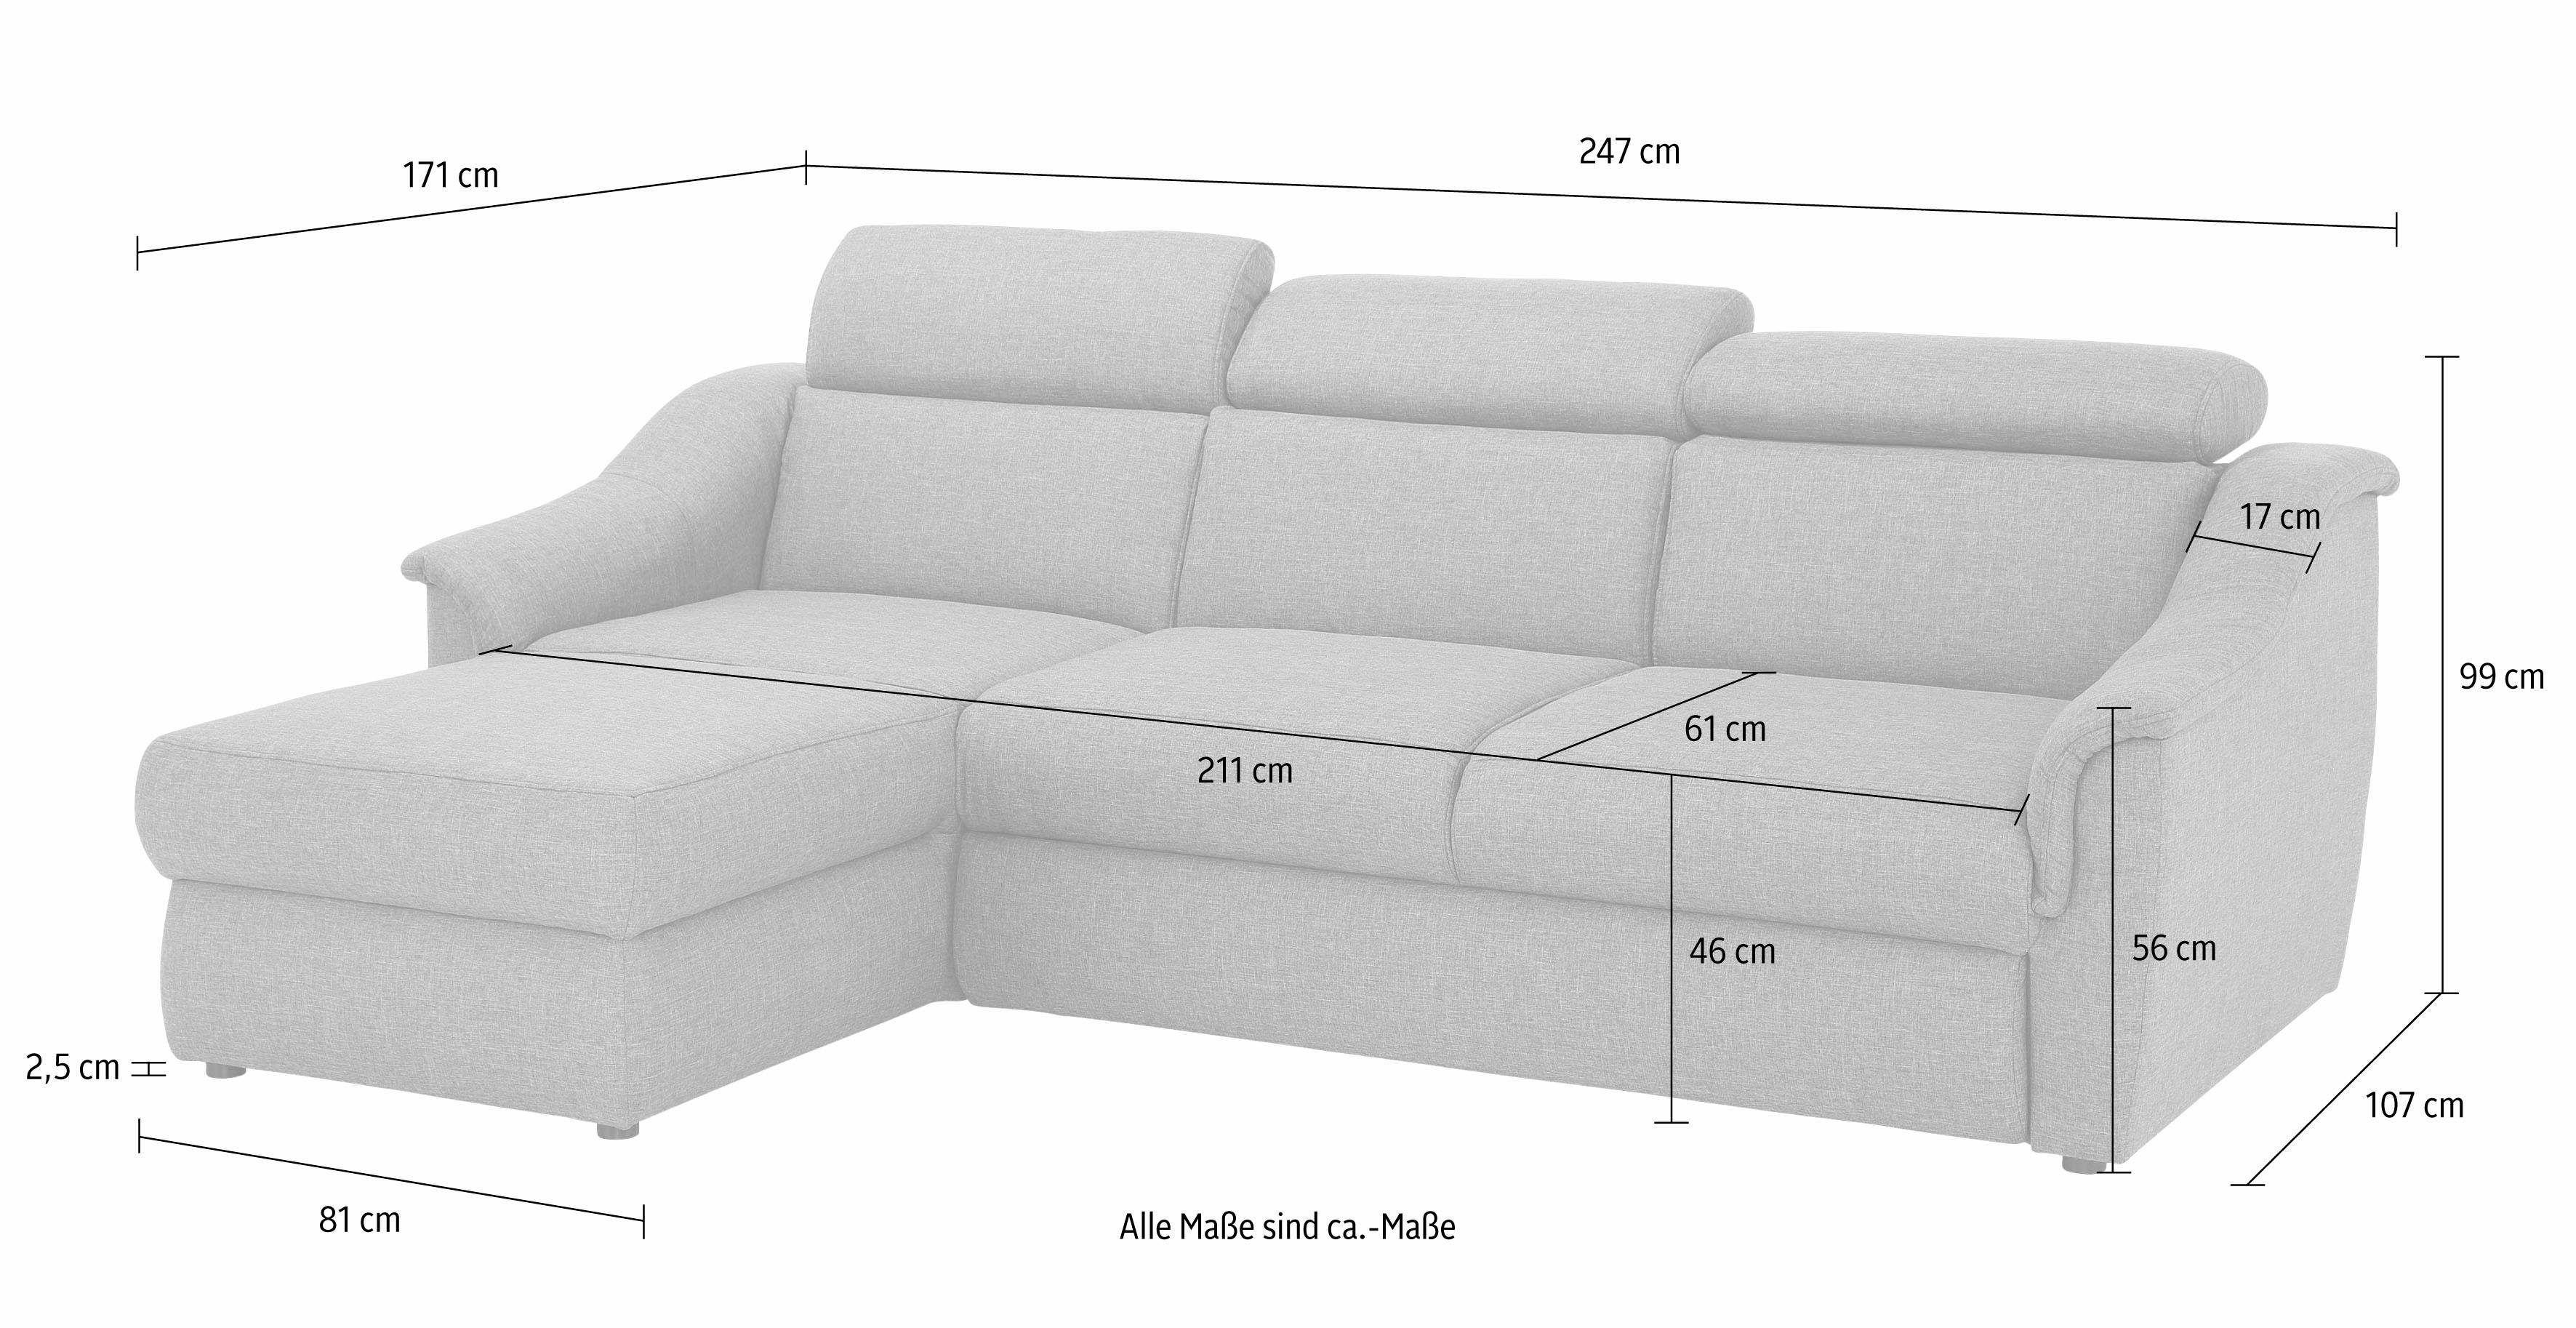 Top Ergebnis 50 Elegant Couch 2 5 Sitzer Bilder 2017 Kdj5 2017